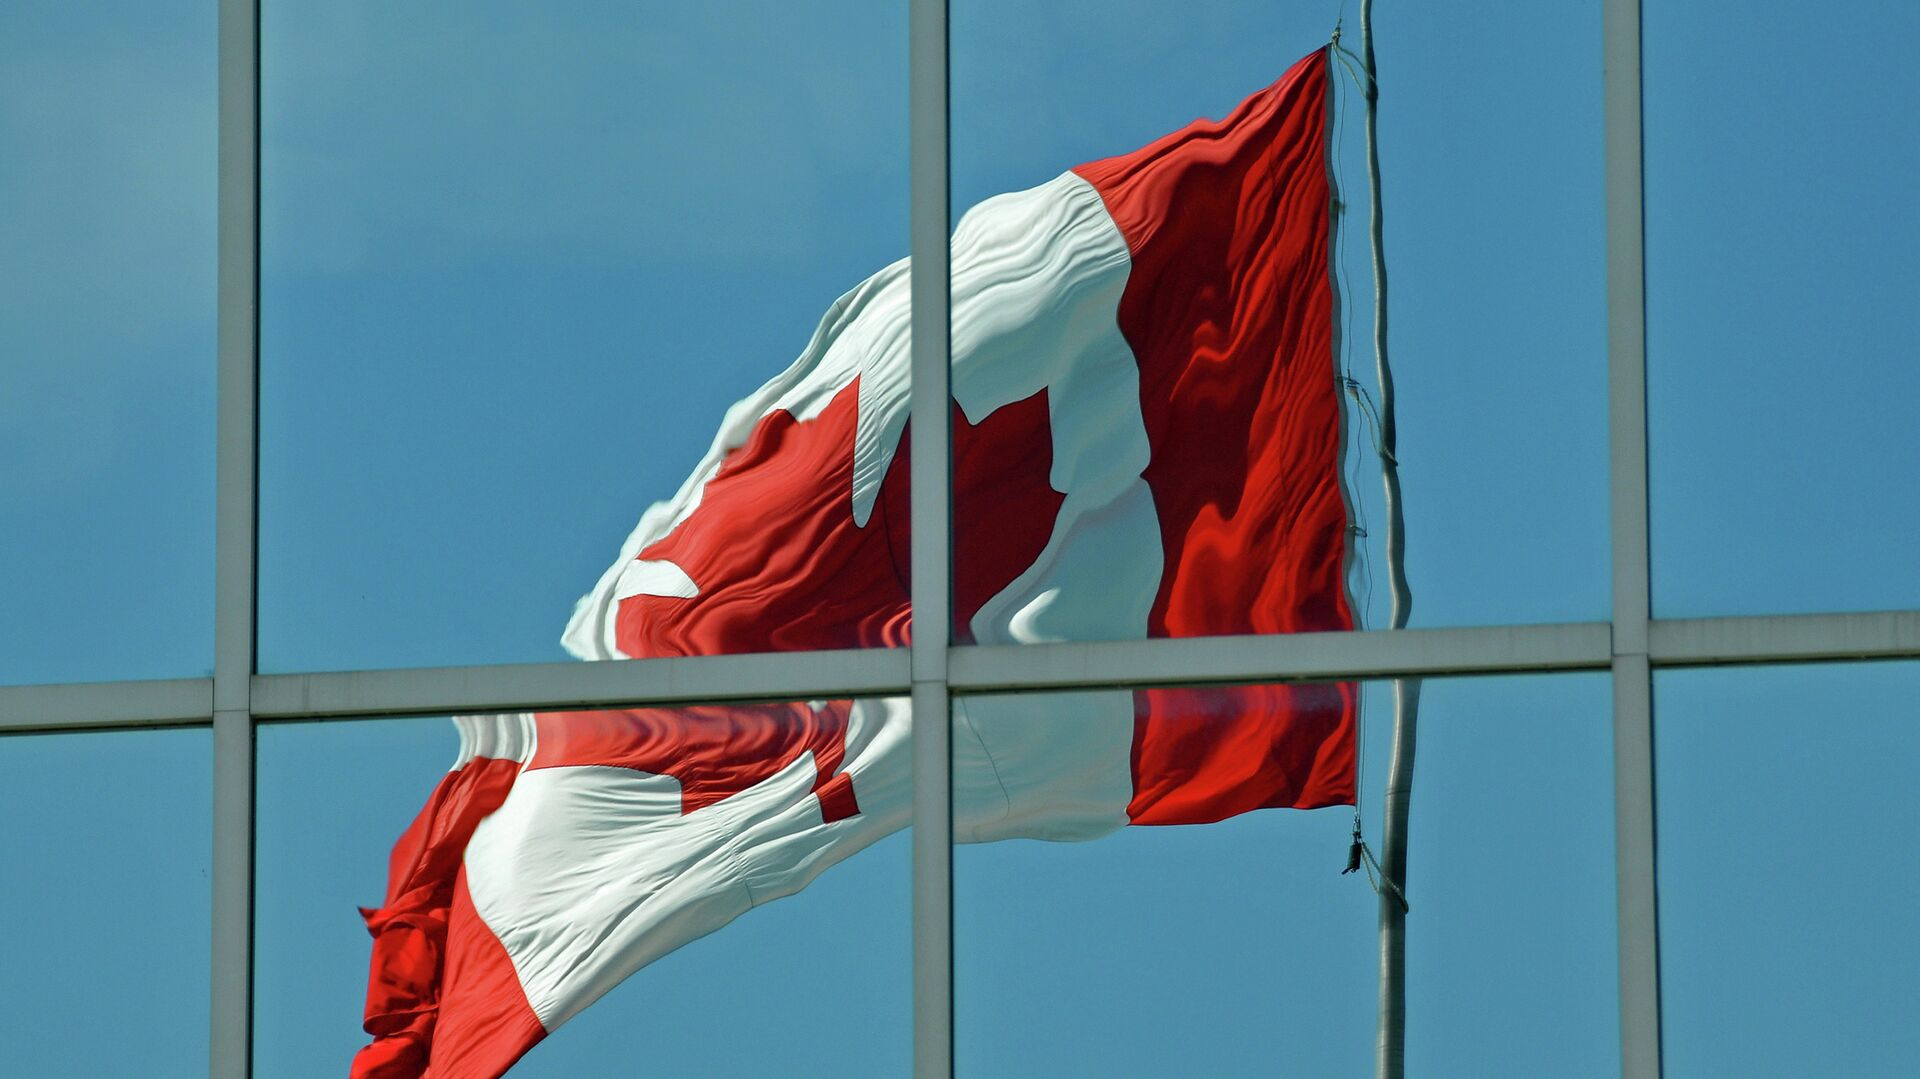 Флаг Канады - РИА Новости, 1920, 02.10.2020